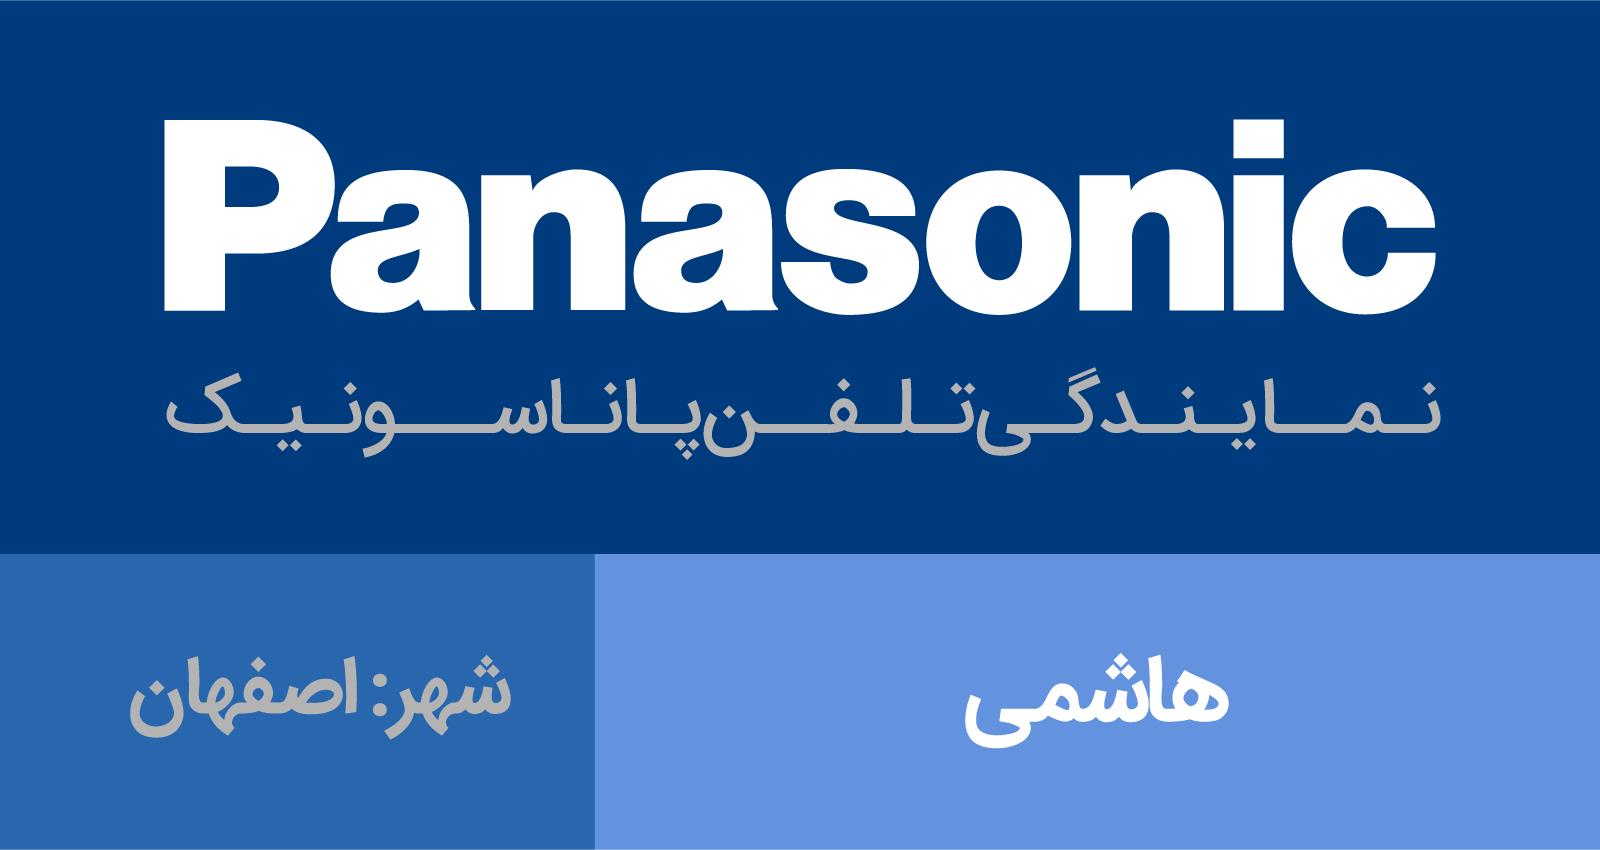 نمایندگی پاناسونیک اصفهان - هاشمی